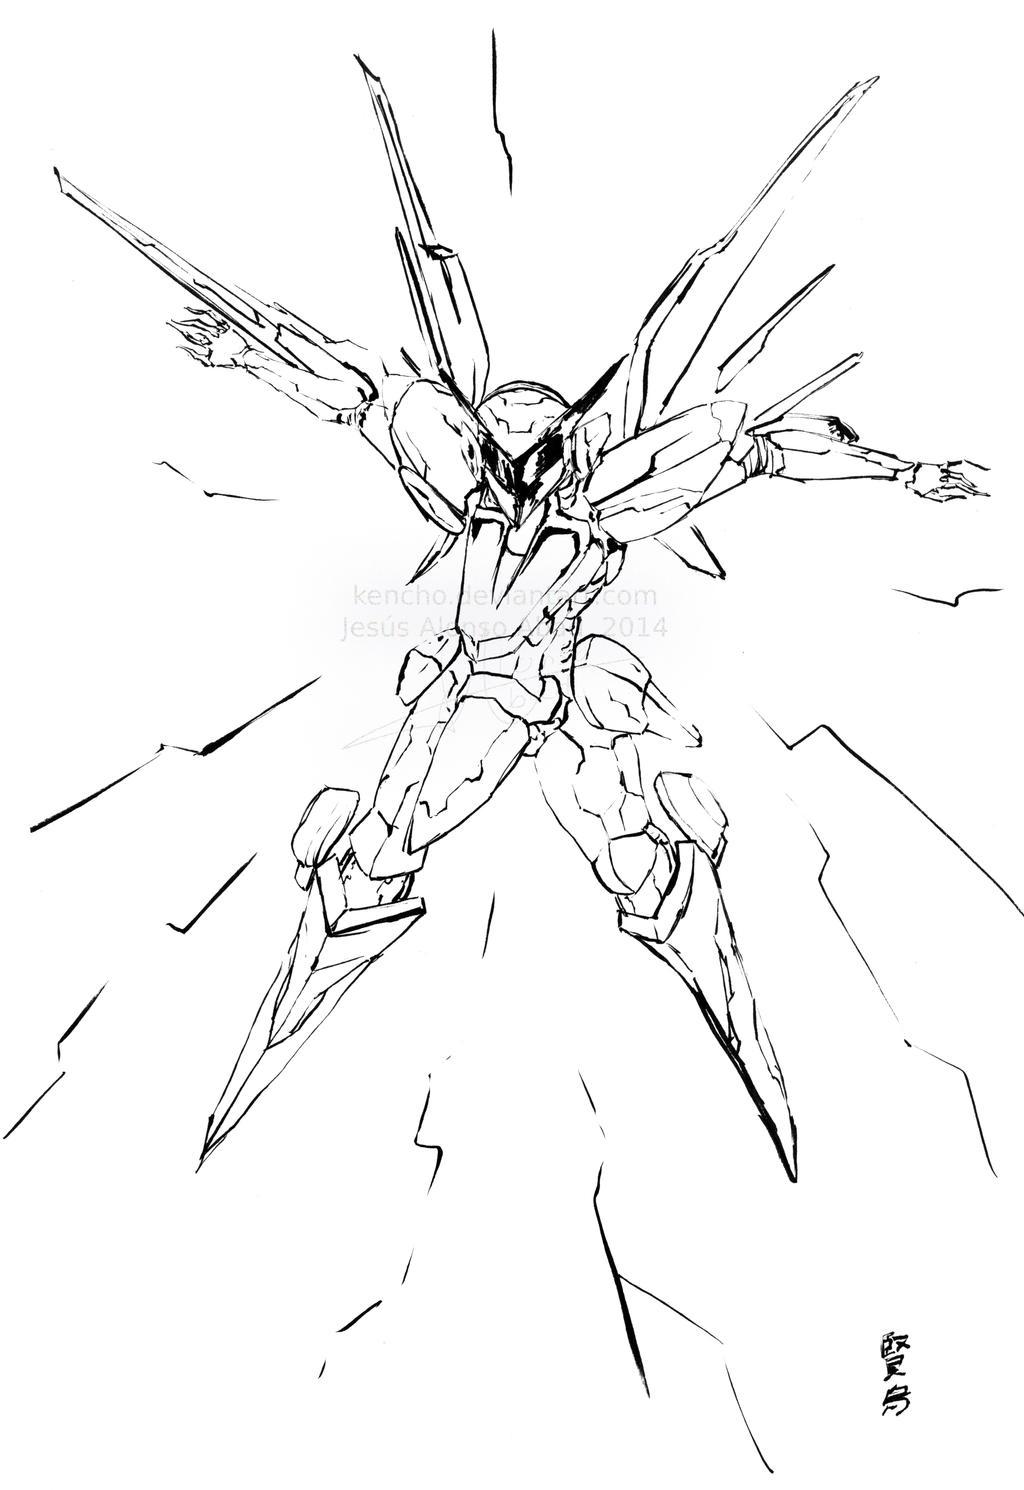 ZoE fan art by Kencho